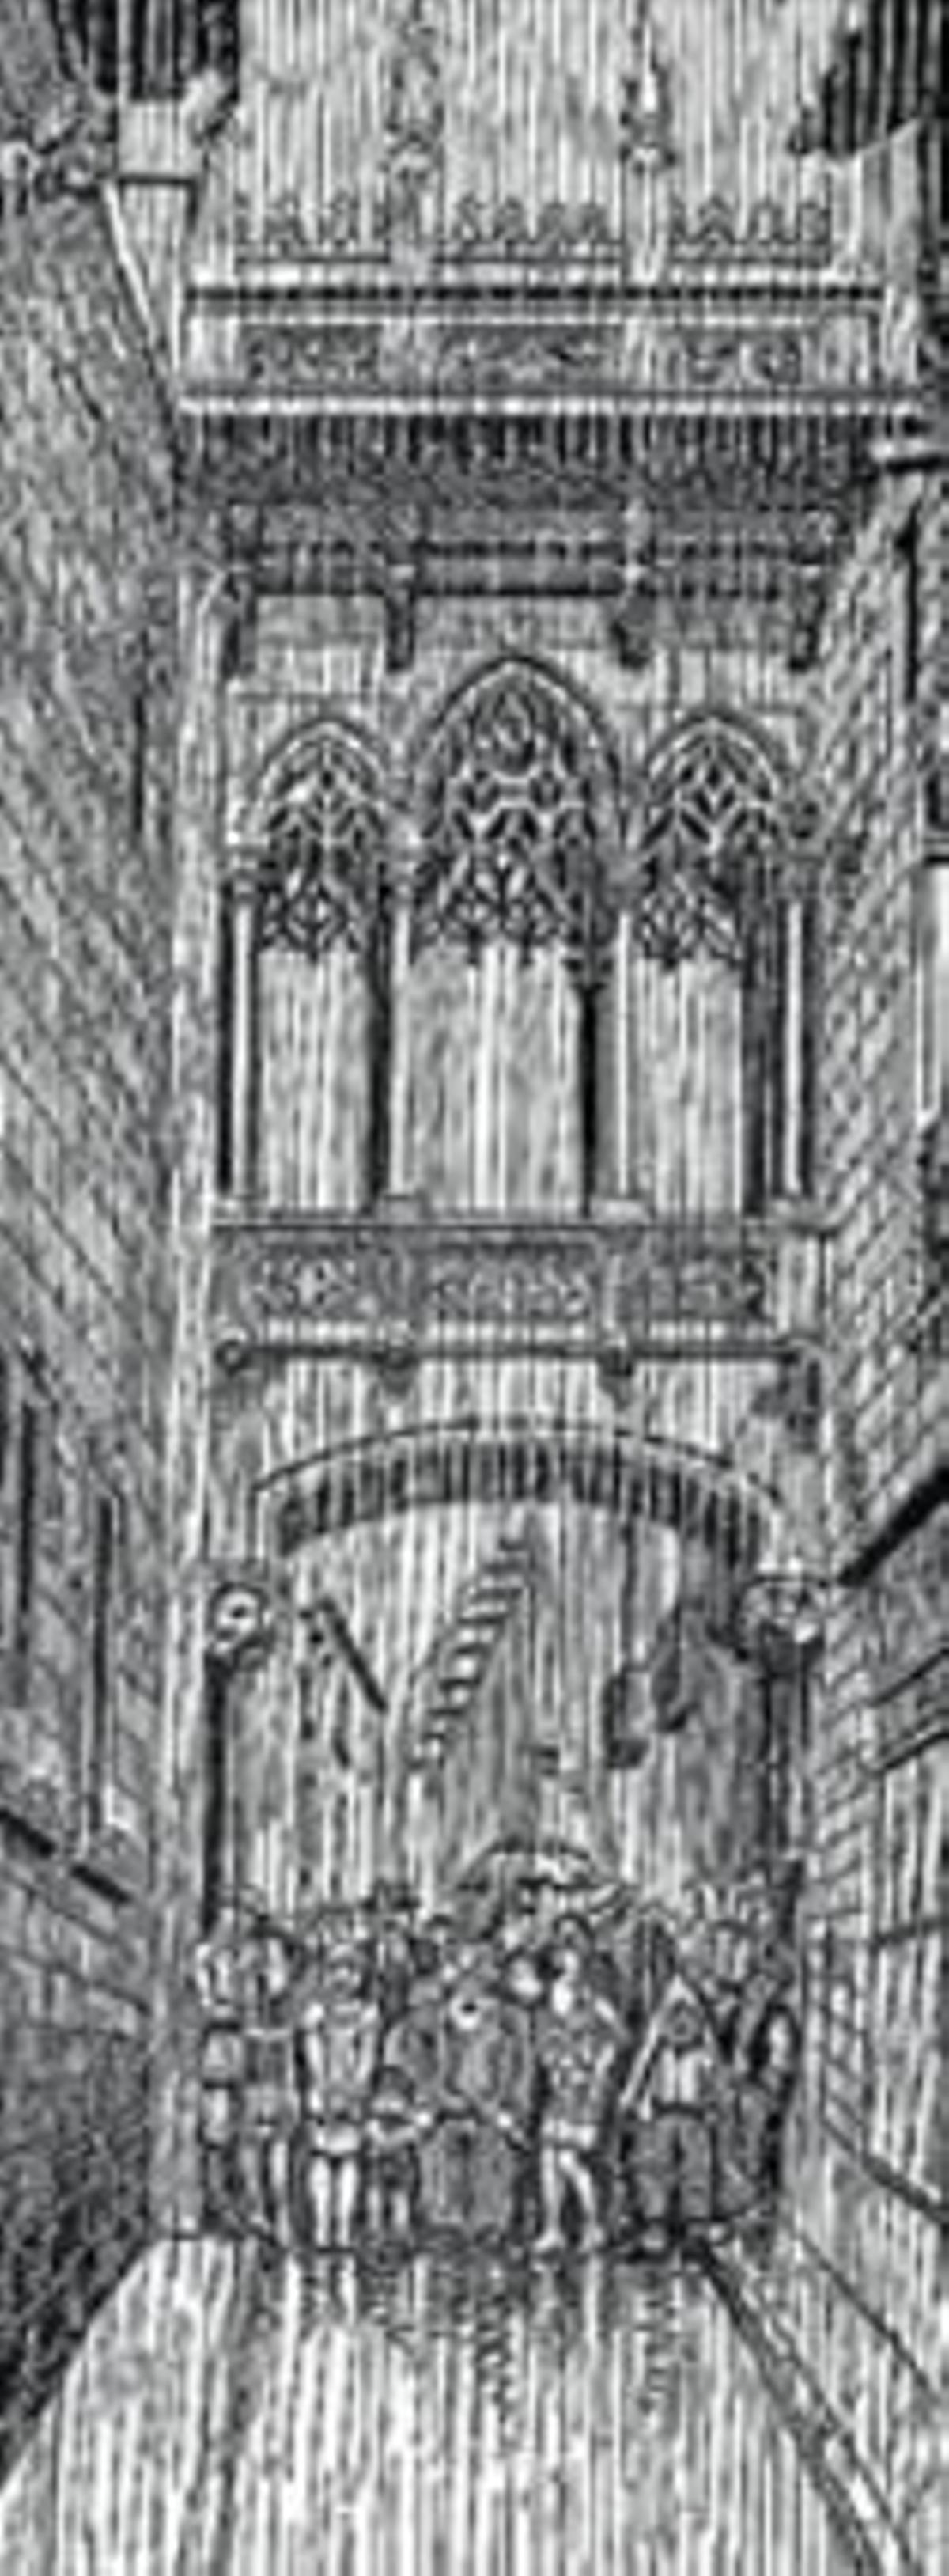 La viñeta 8 'L'Esquella de la Torratxa' bromeó con saña sobre qué usos dar al puente de la calle del Bisbe tras su inauguración en 1928.